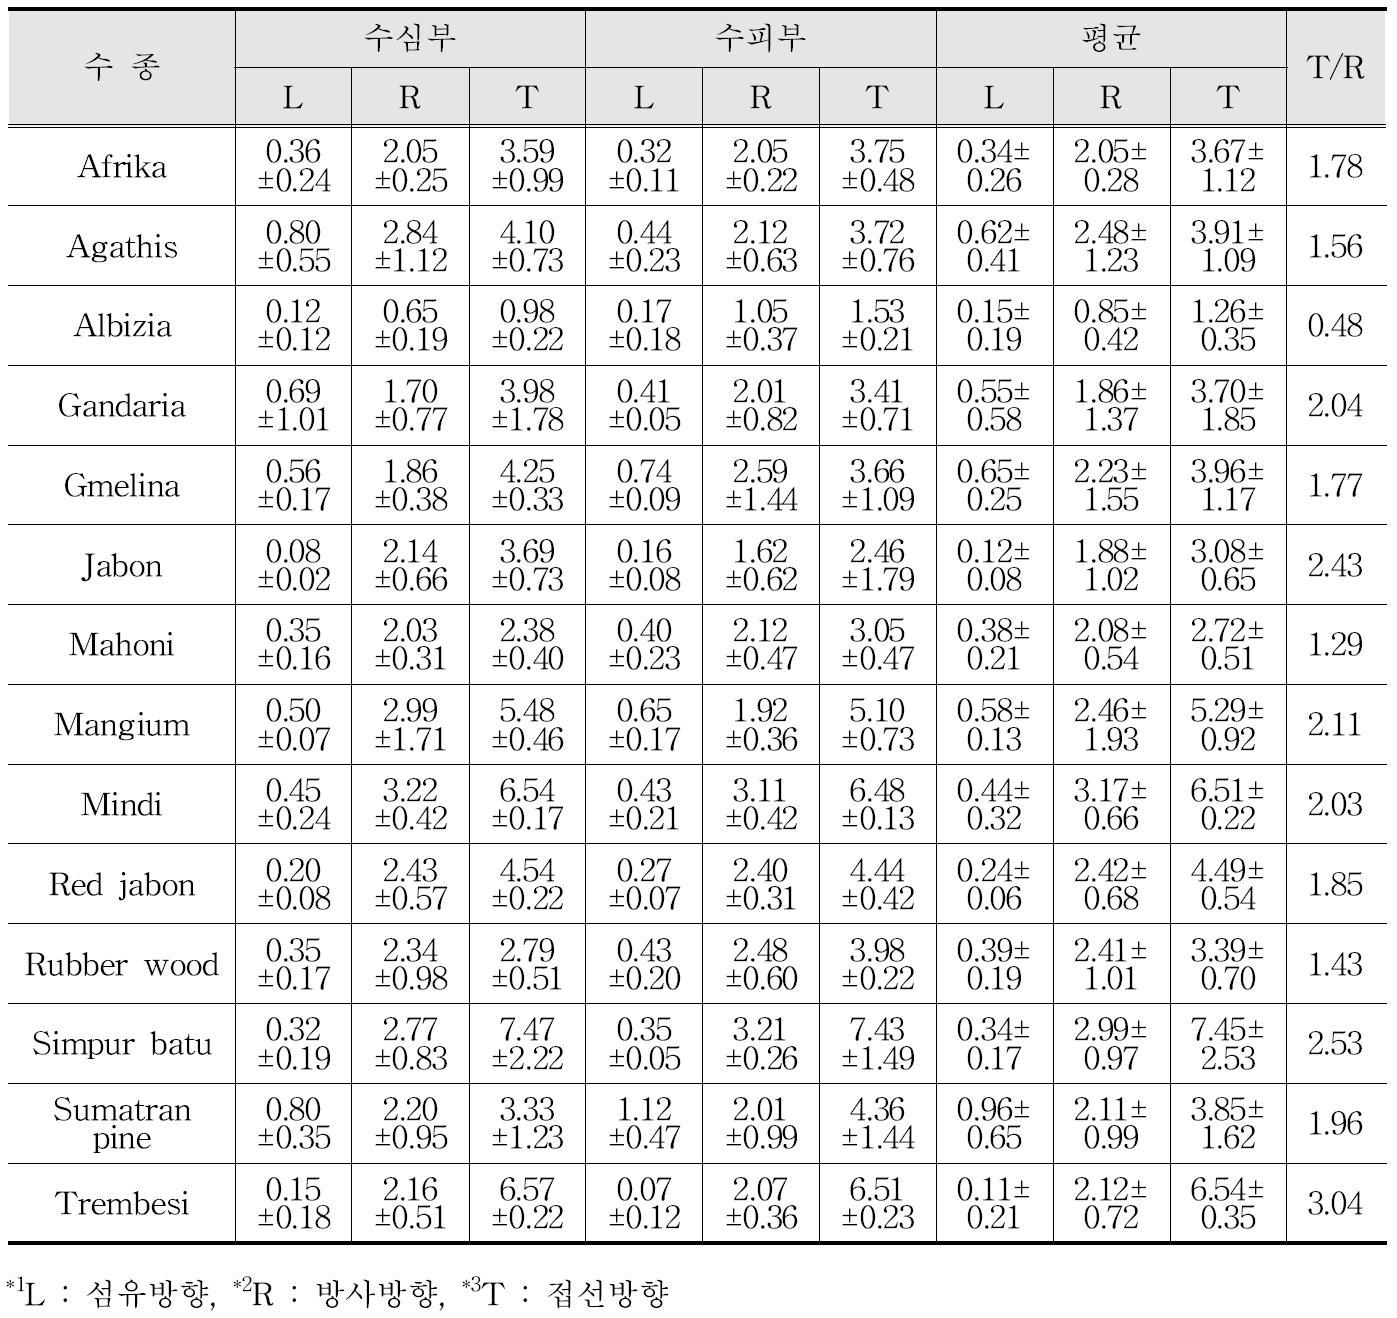 주요 조림수종의 기건수축률(%) 및 이방도